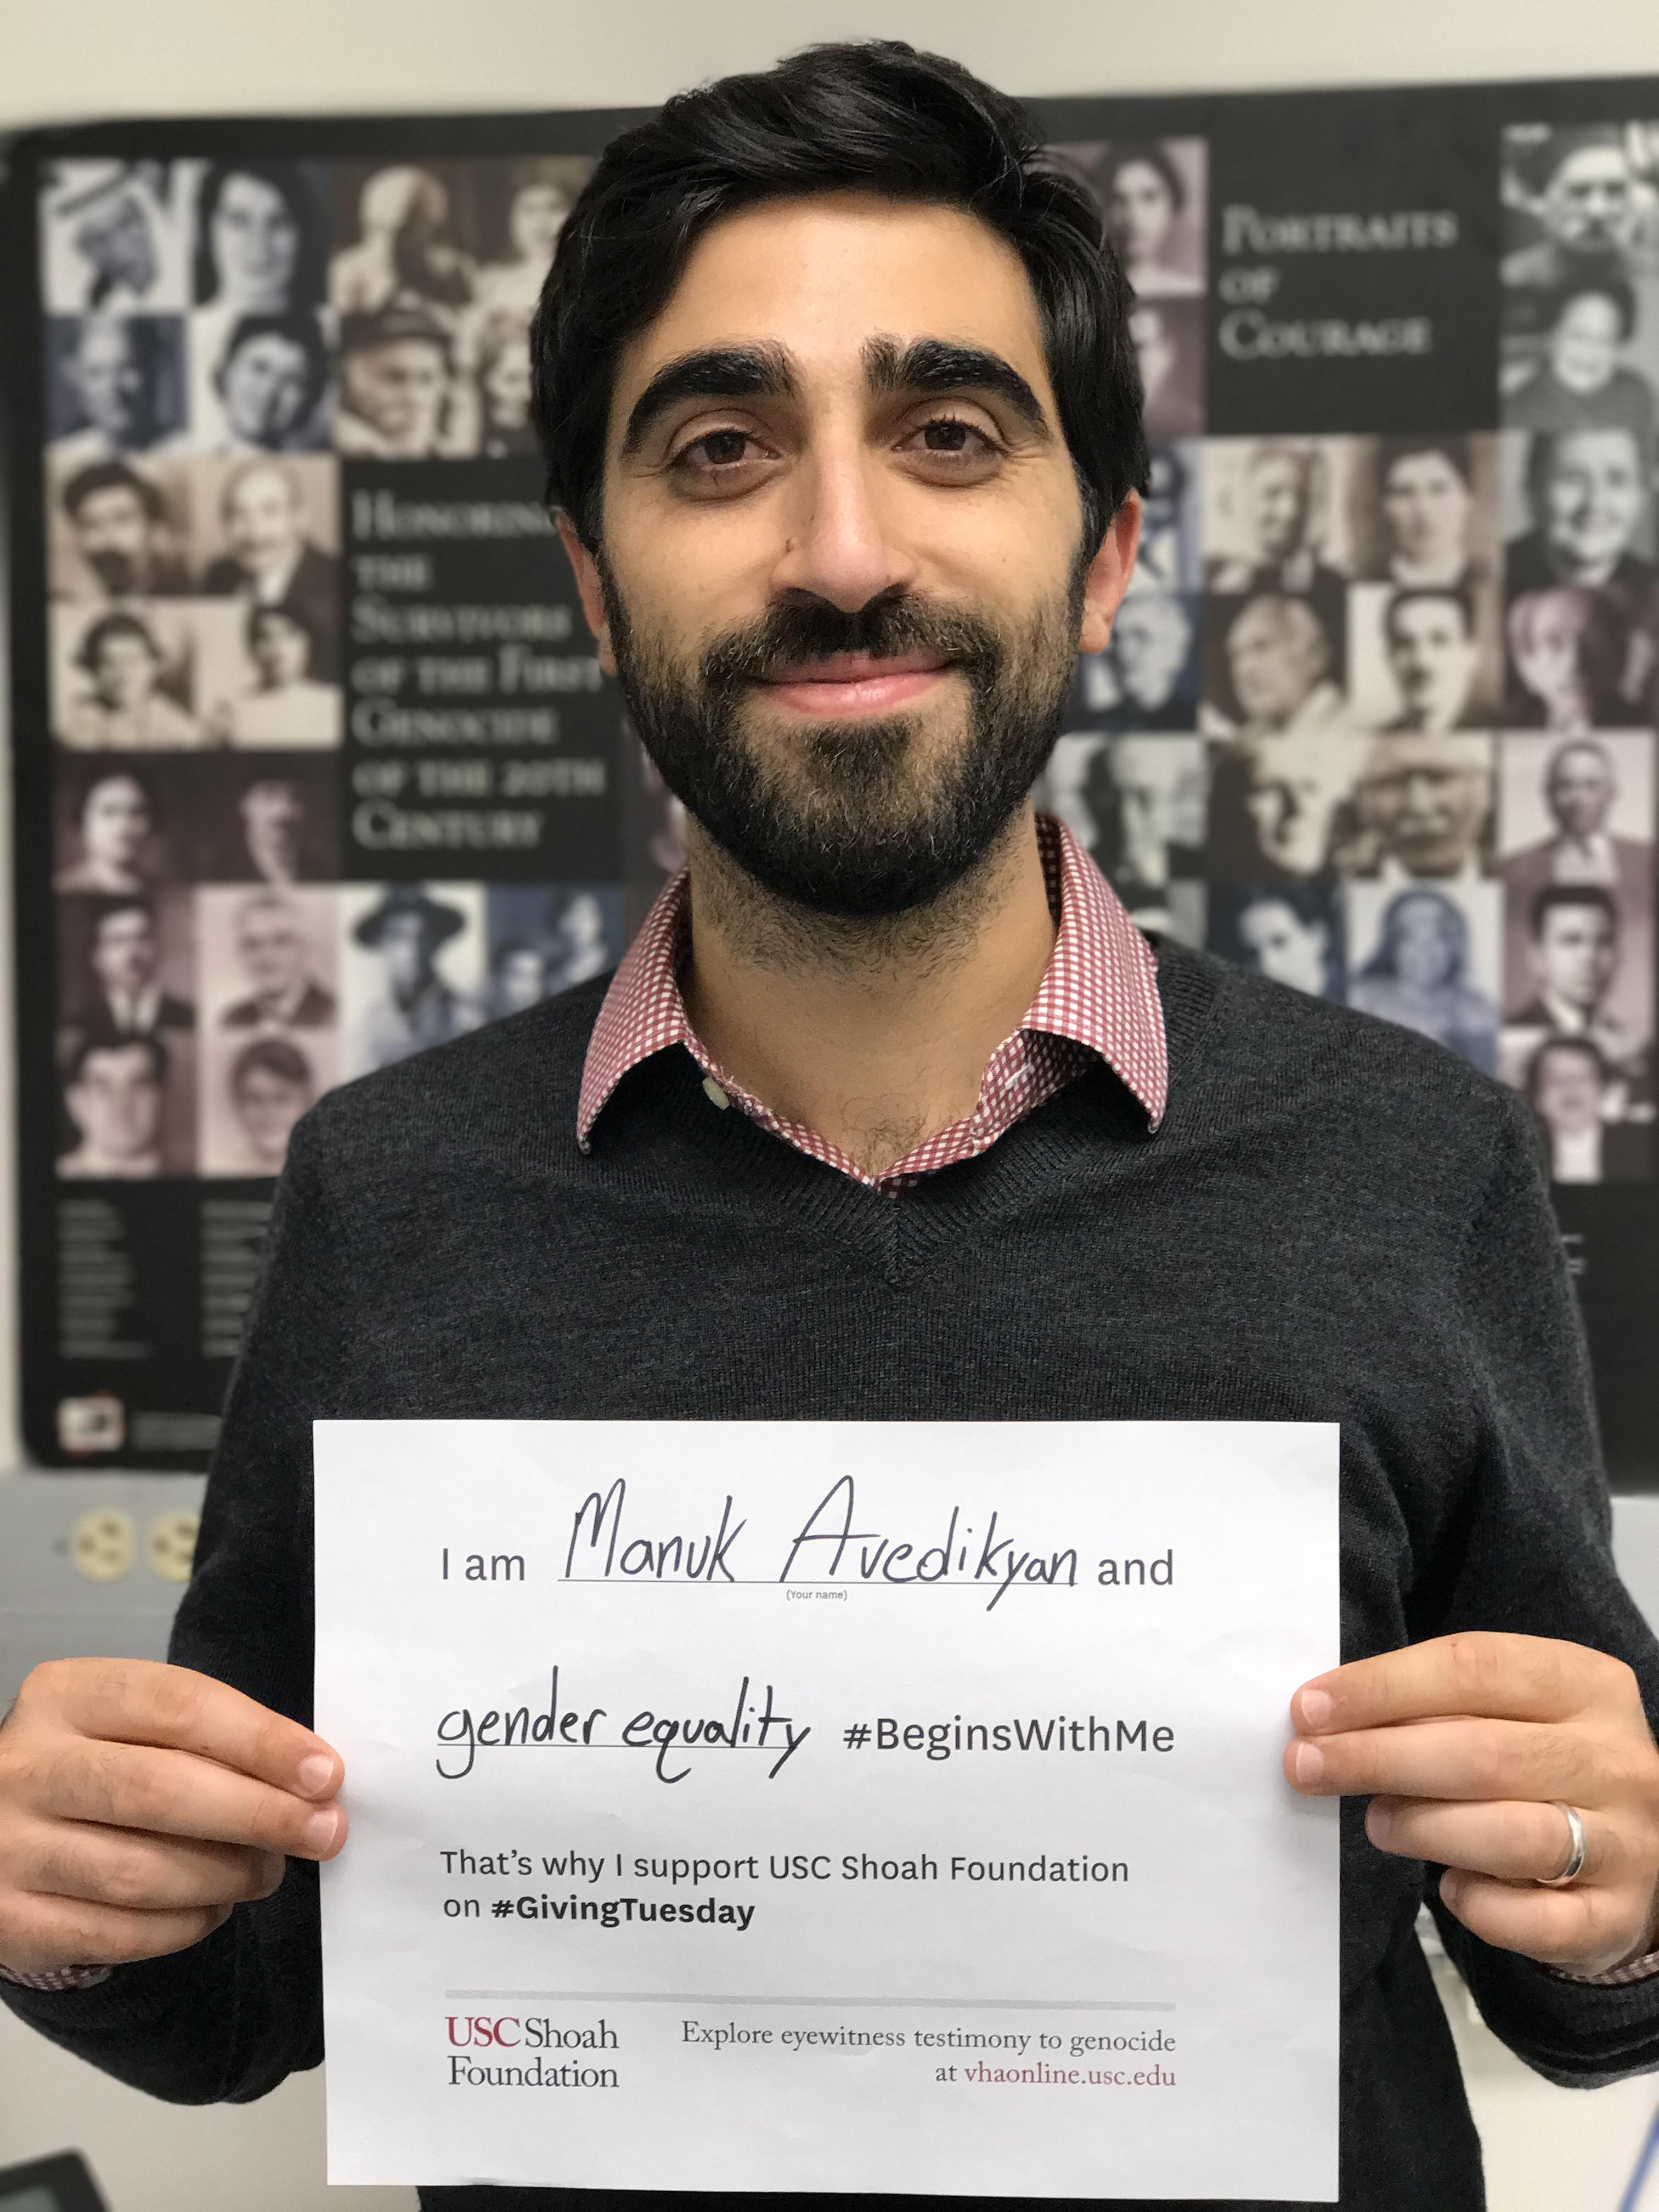 Manuk Avedikyan - Gender Equality #BeginsWithMe